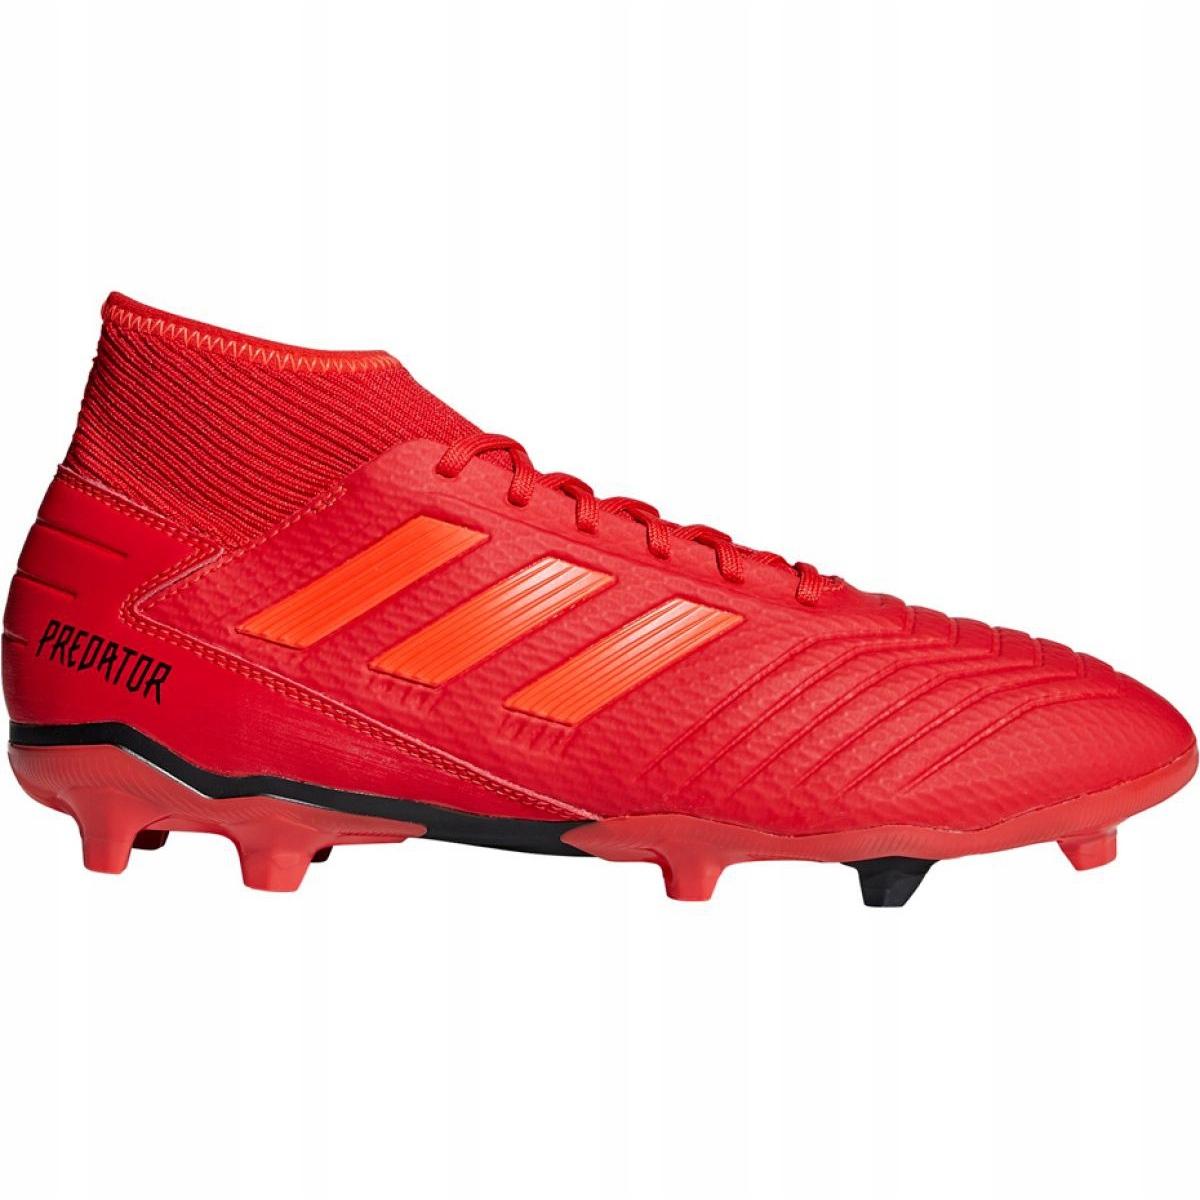 Détails sur Chaussures de foot adidas Predator 19.3 Fg M BB9334 rouge rouge